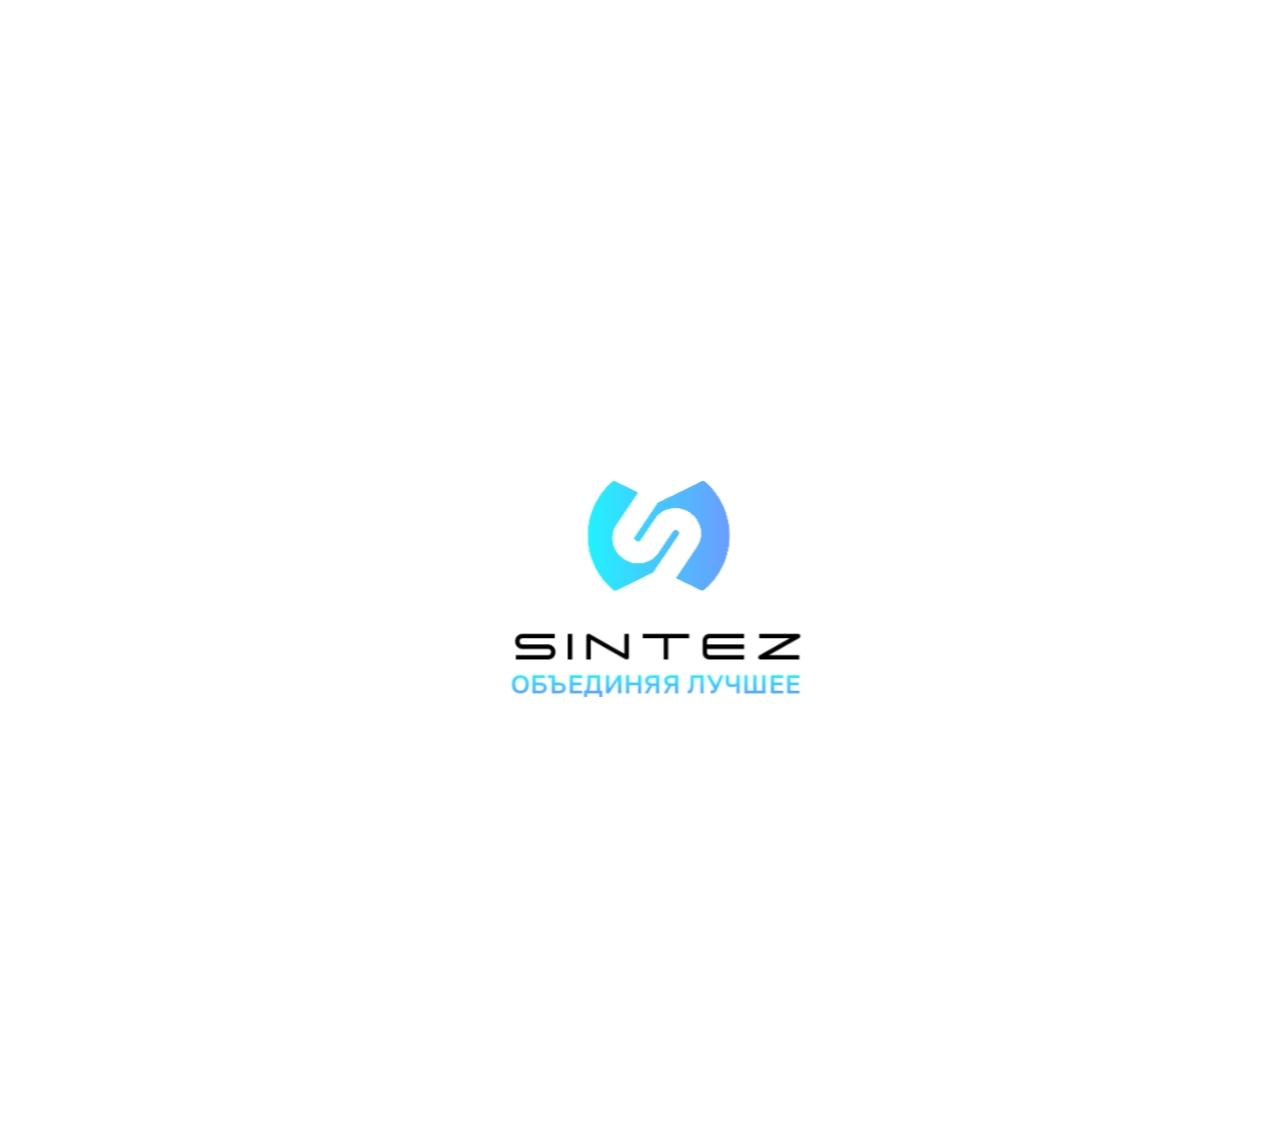 Разрабтка логотипа компании и фирменного шрифта фото f_9815f63c49e27a2c.jpg